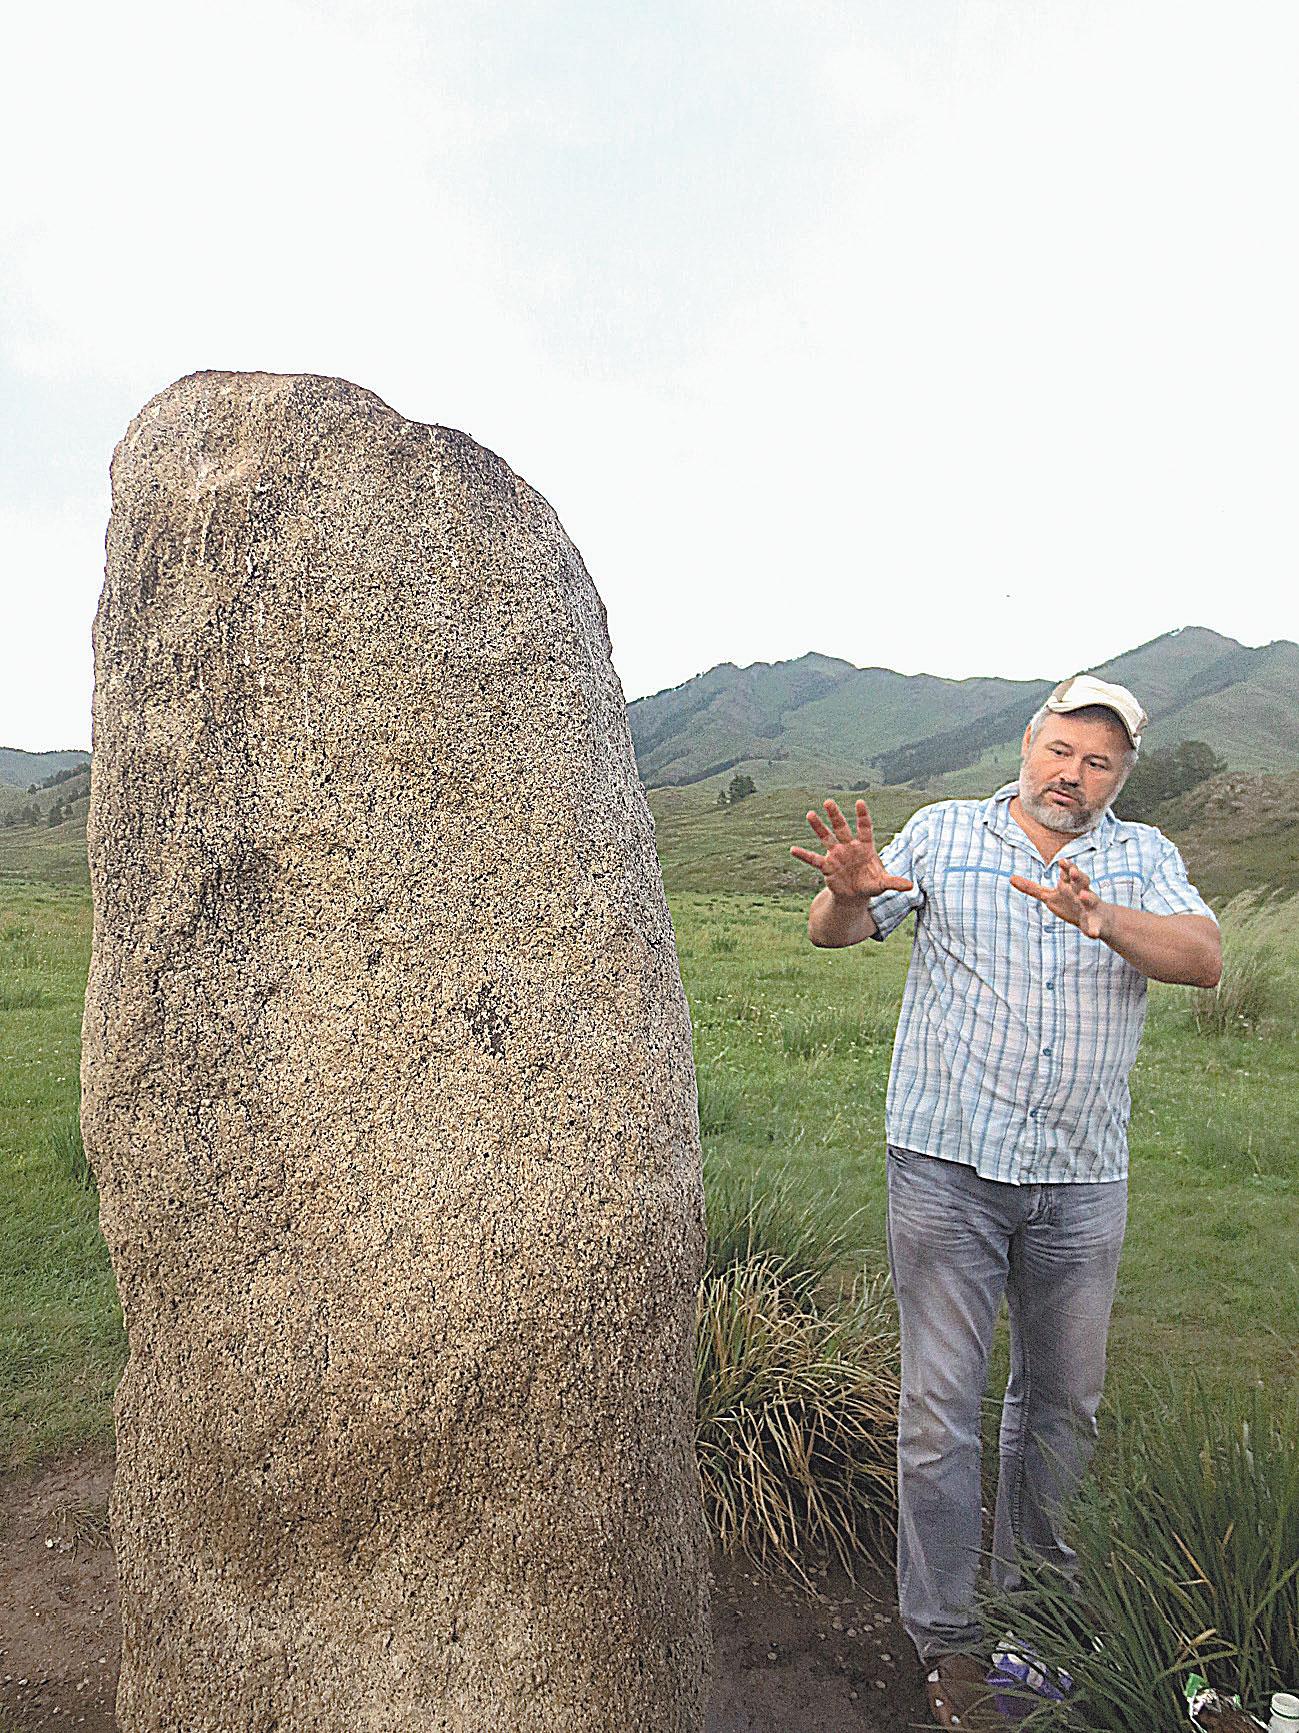 Л. Ерёмин: К камню Ах-тас ходят лечиться уже 1,5 тыс. лет